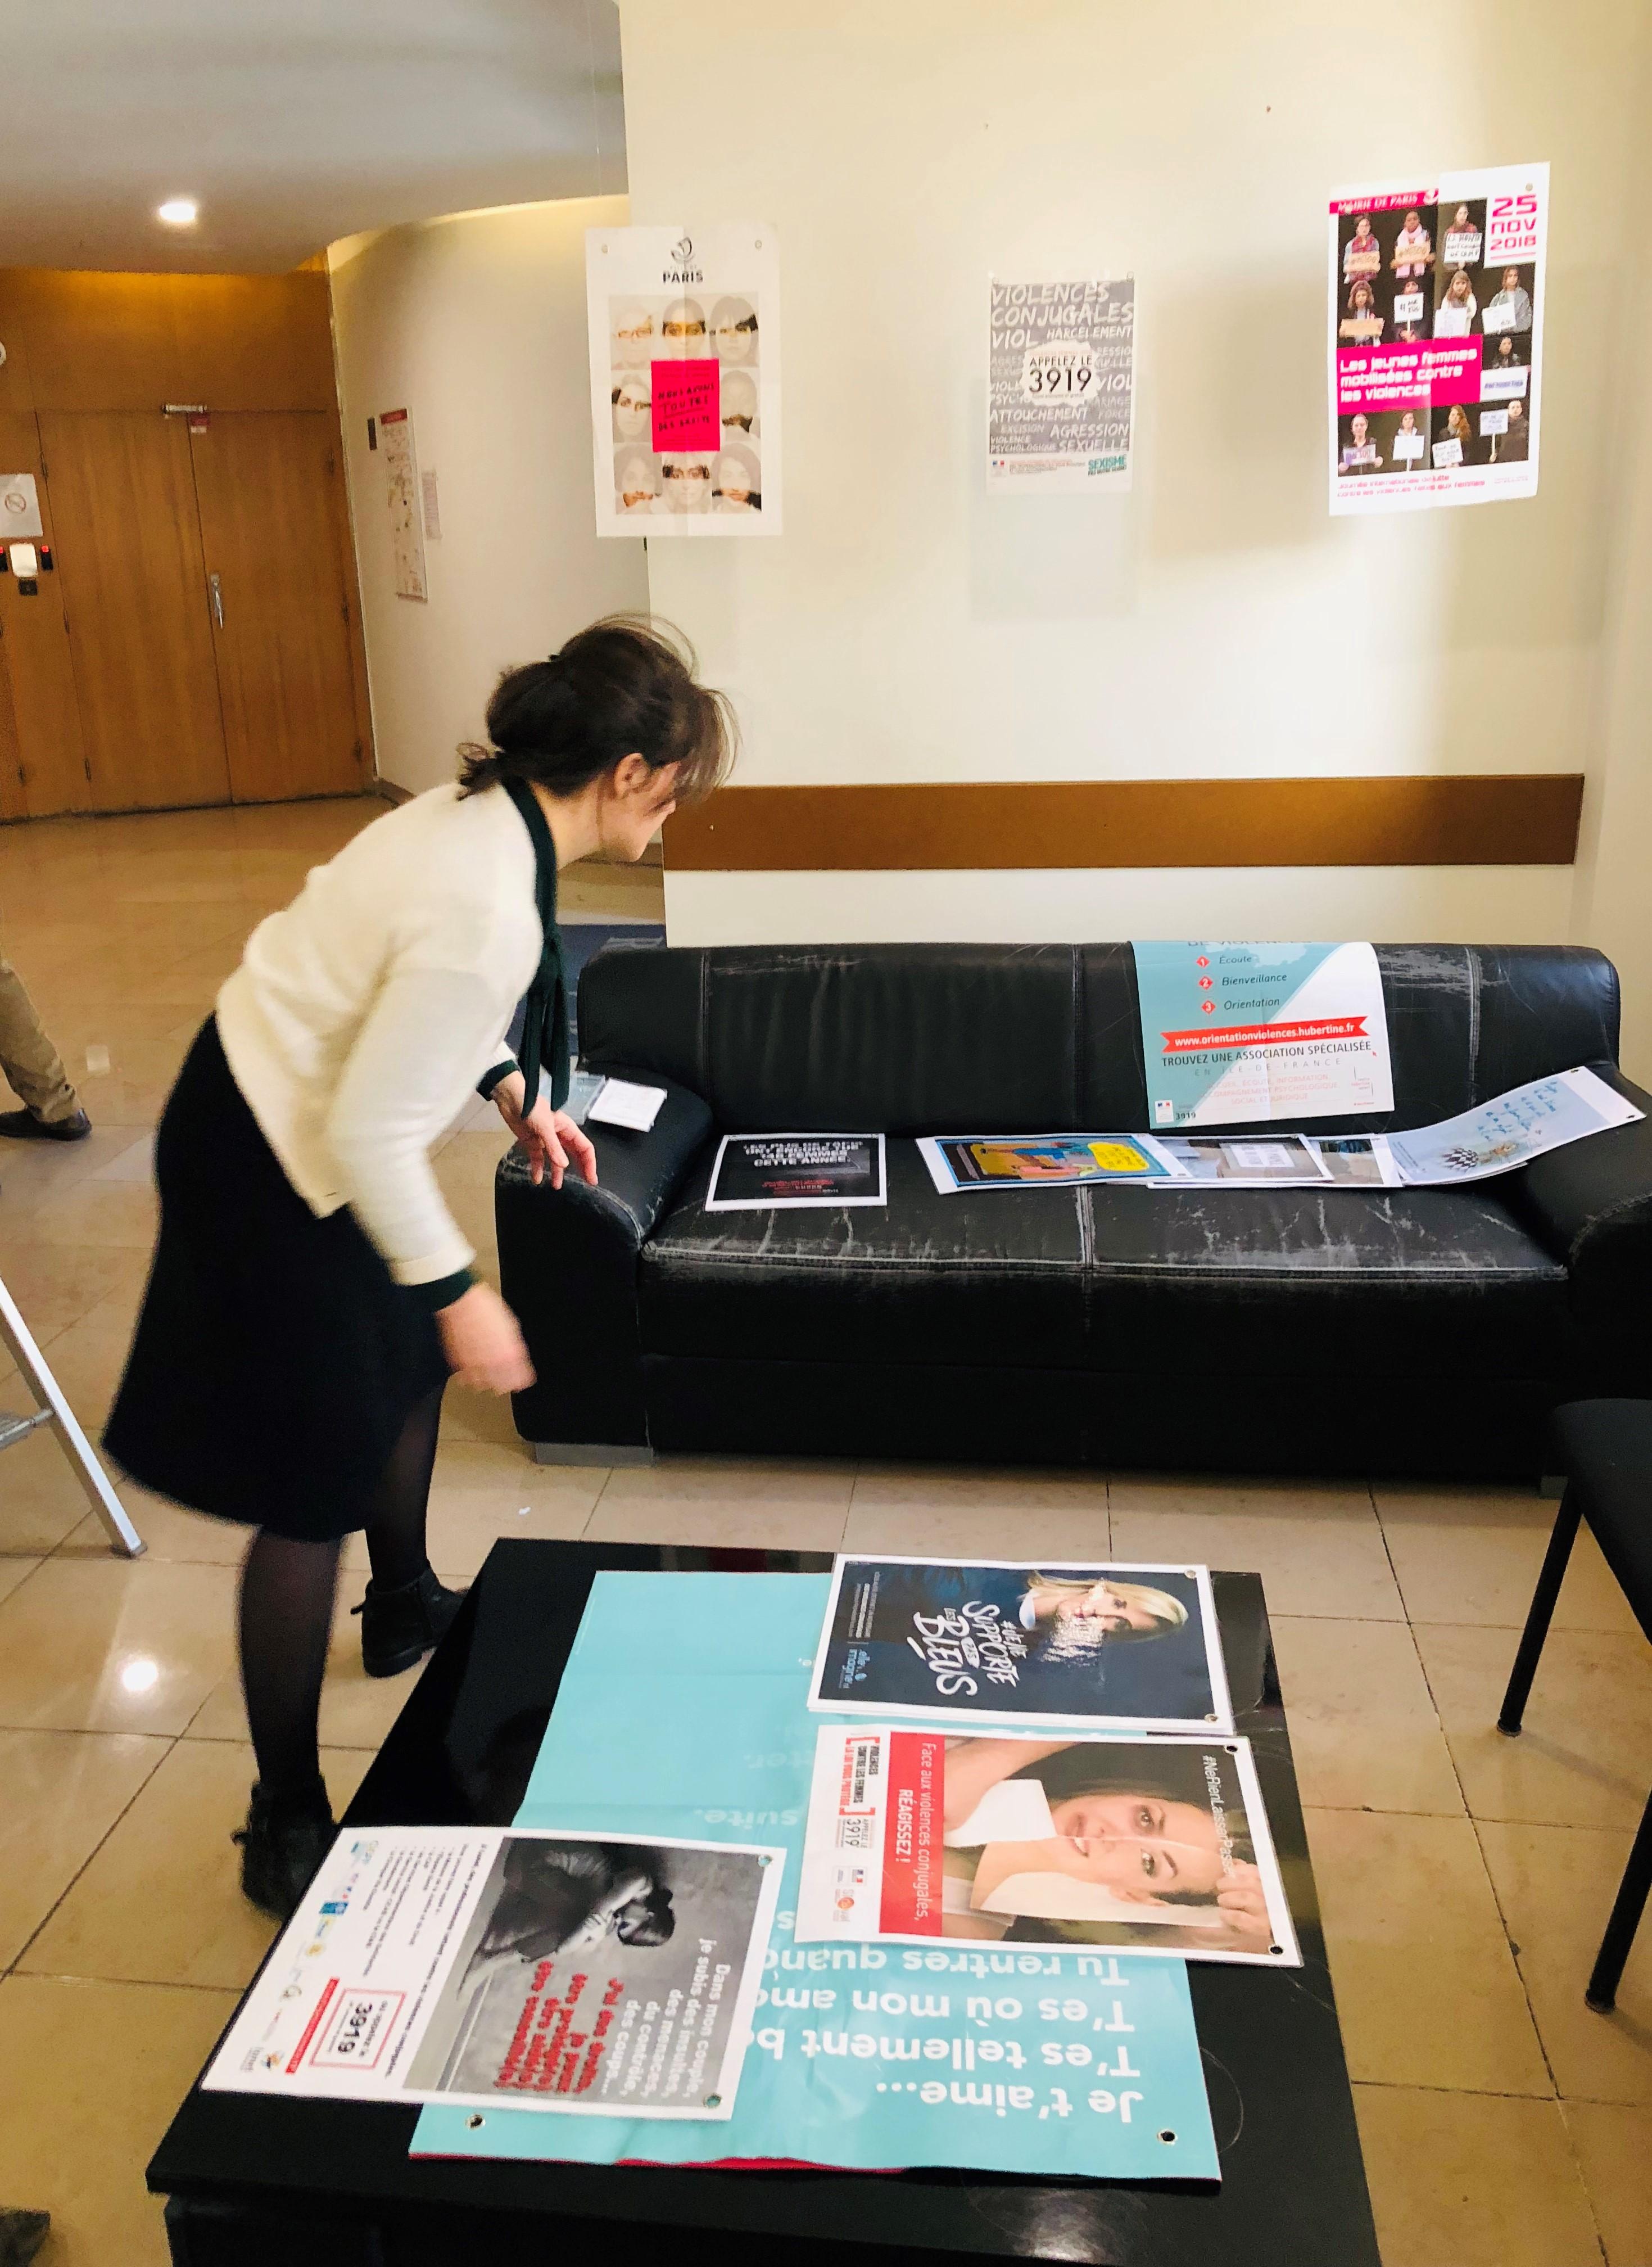 Les salariés RIVP ont présenté une expo pour mieux informer le public sur le sujet des violences conjugales.